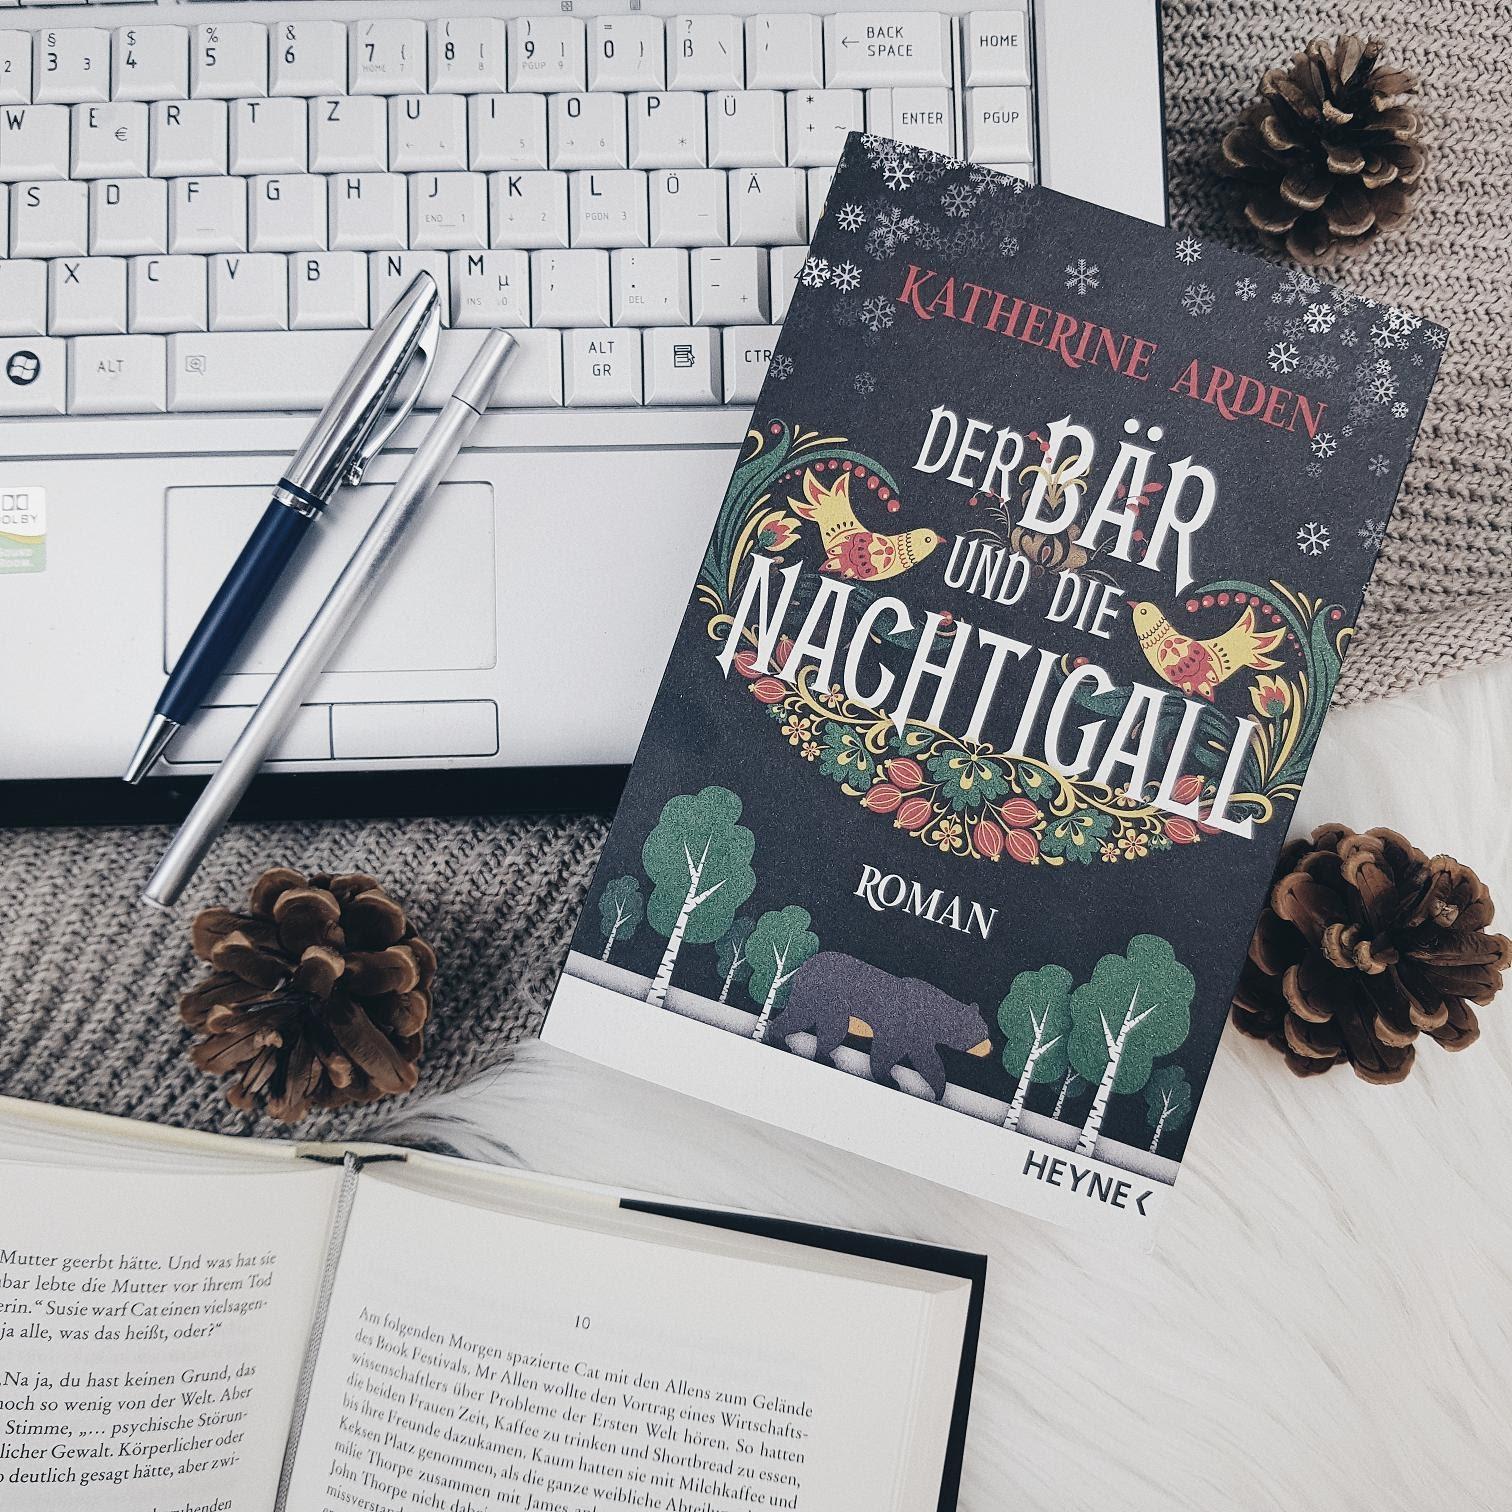 Bücherblog. Rezension. Buchcover. Der Bär und die Nachtigall (Band 1) von Katherine Arden. Fantasy. Historische Fantasy. Heyne. ©Lisa B. | Prettytigers Bücherregal | prettytigerbuch